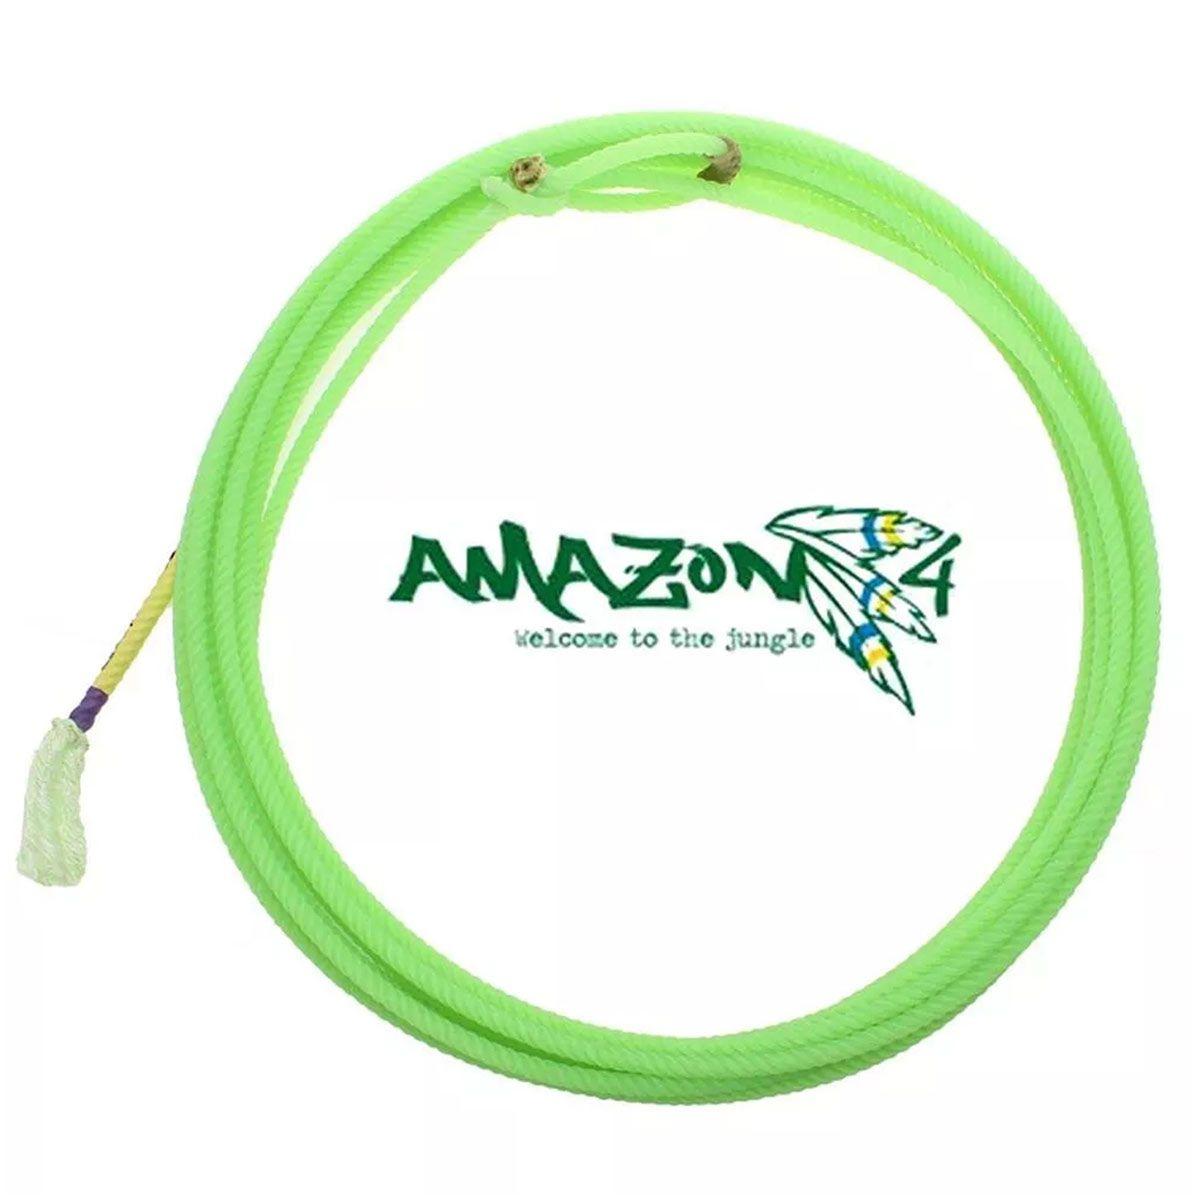 Corda Laço Precision 4 Tentos Amazon Para Team Roping